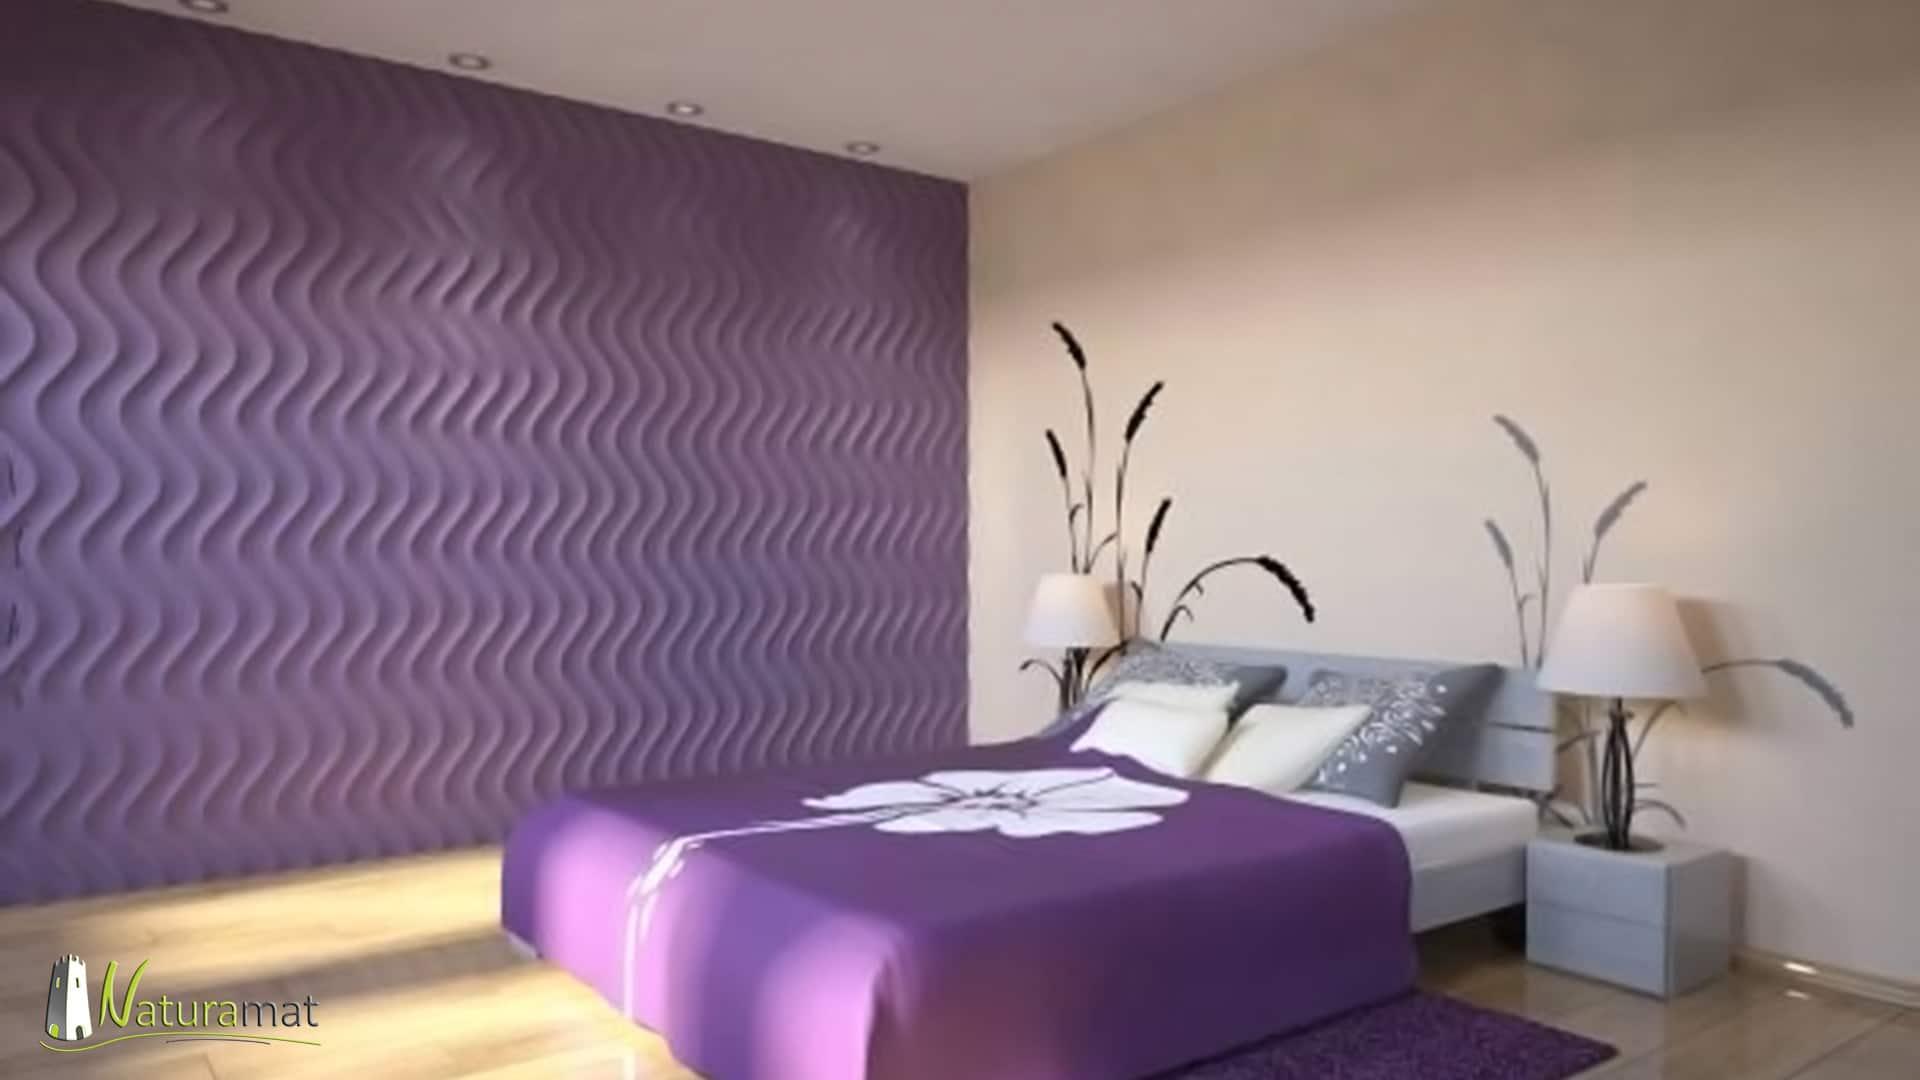 Décoration murale chambre Panneaux 3D Naturamat Dunes Groovy